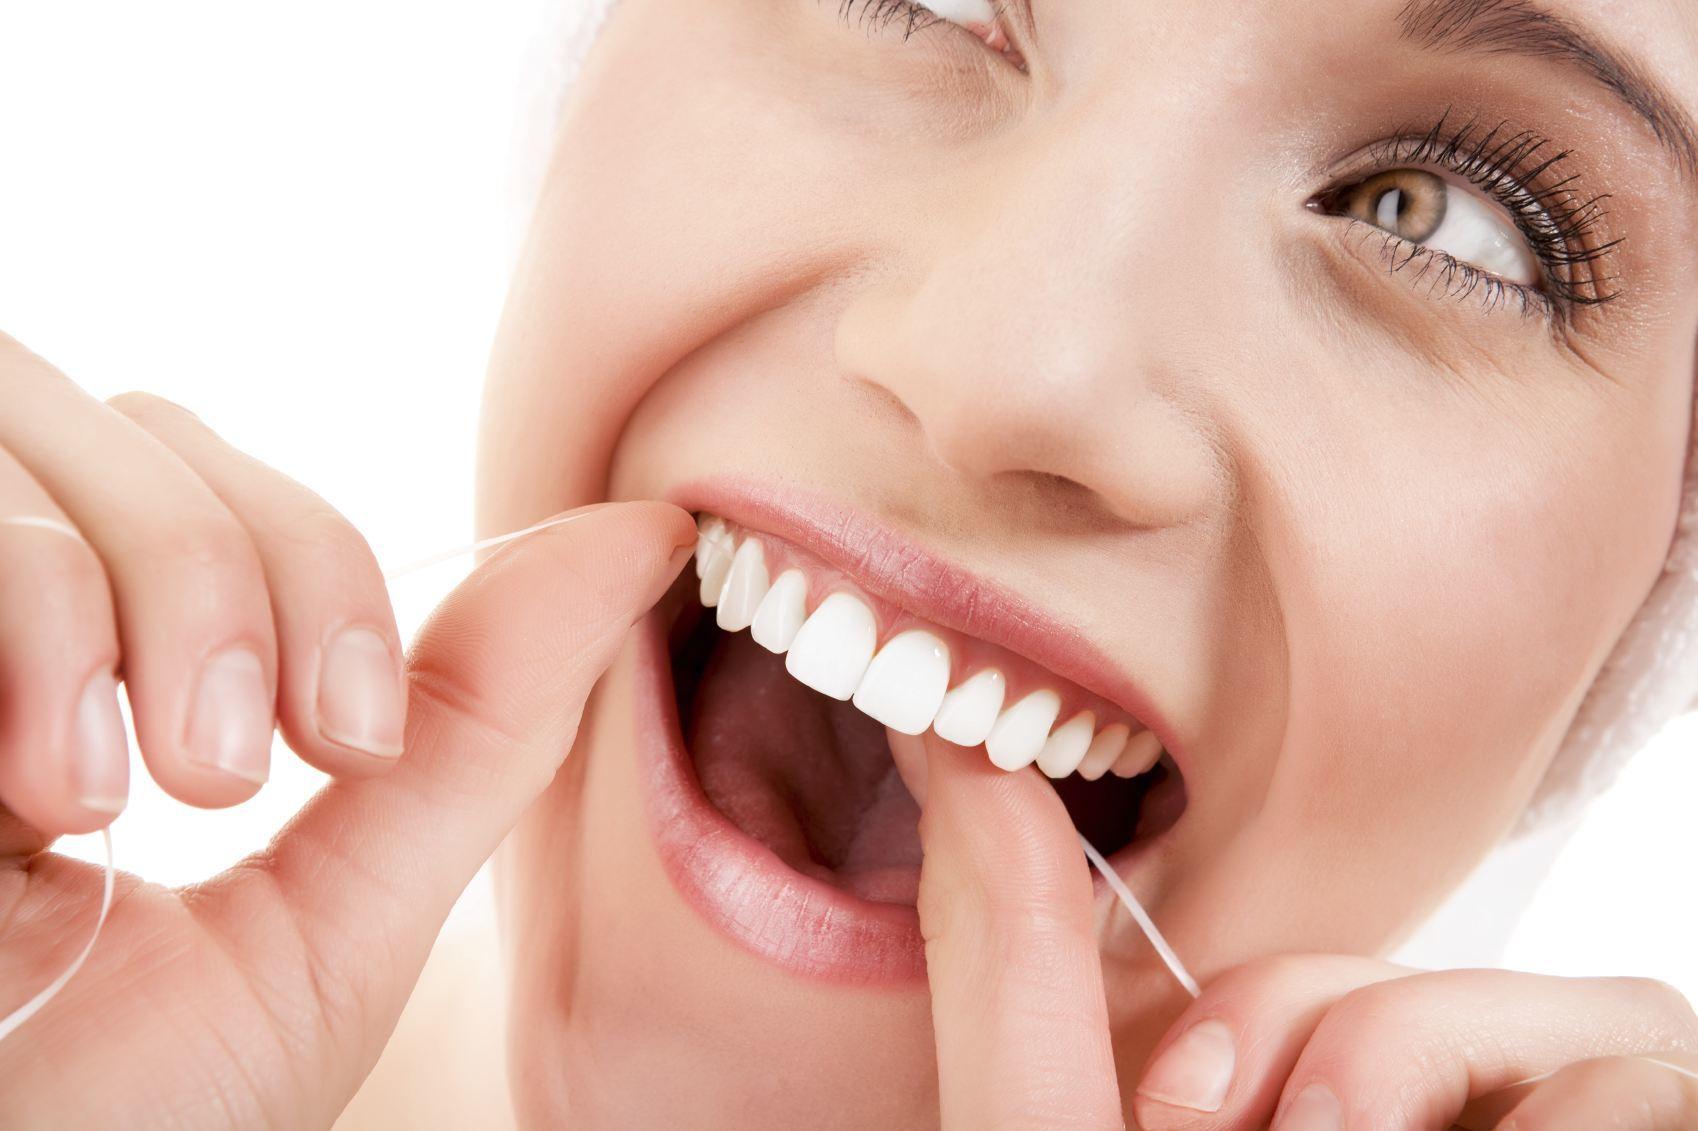 La ortodoncia y la sonrisa: dos de las claves para la felicidad